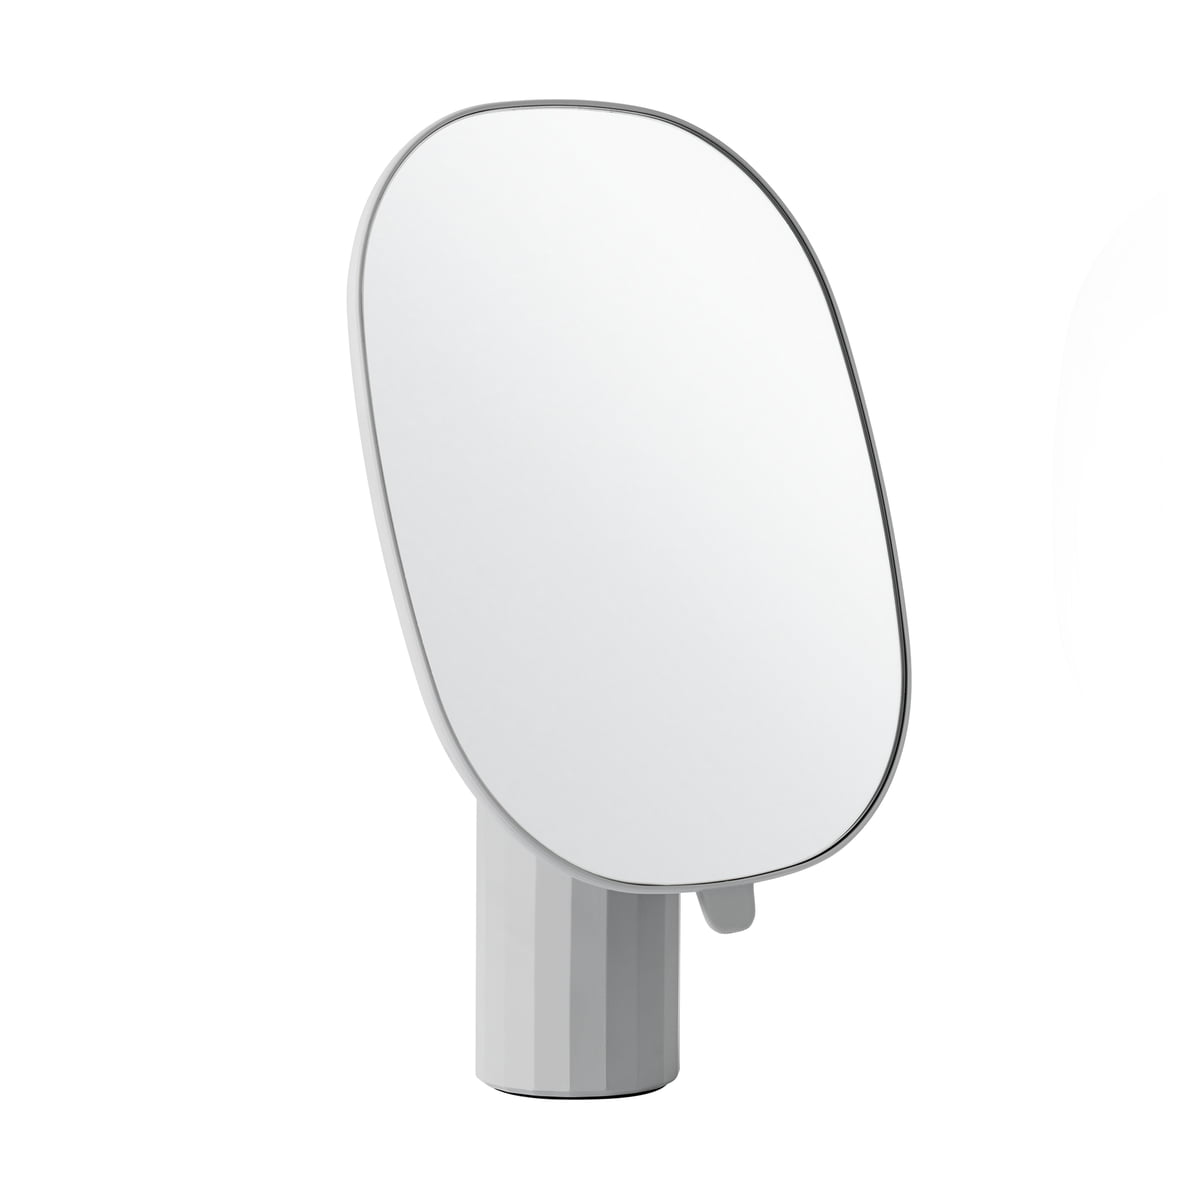 Muuto mimic tischspiegel grau grau h 35 b 25 online - Muuto spiegel ...